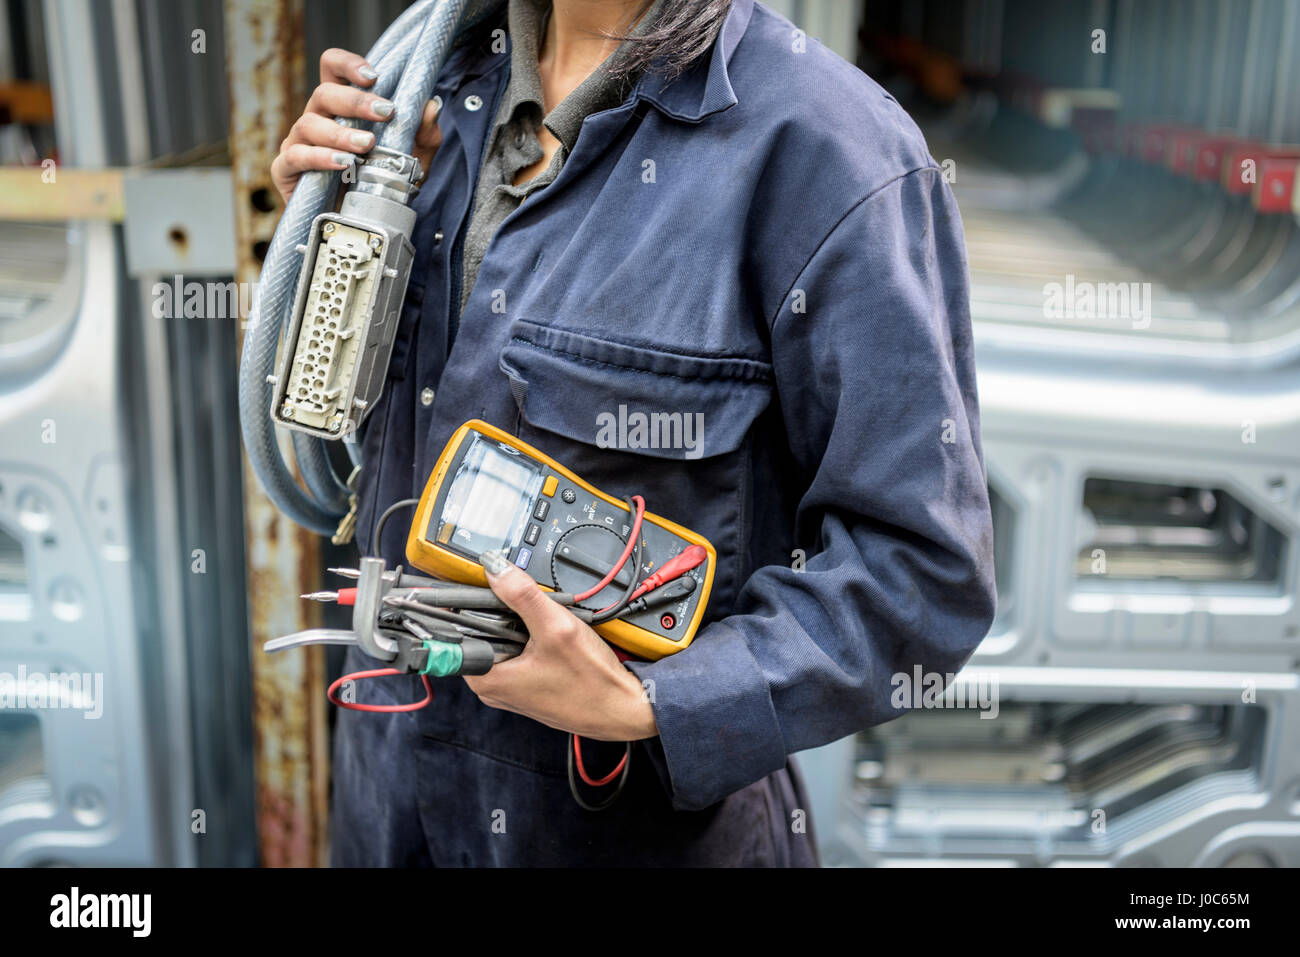 Femmina apprendista elettricista attrezzature di contenimento nella fabbrica di automobili, close up Immagini Stock